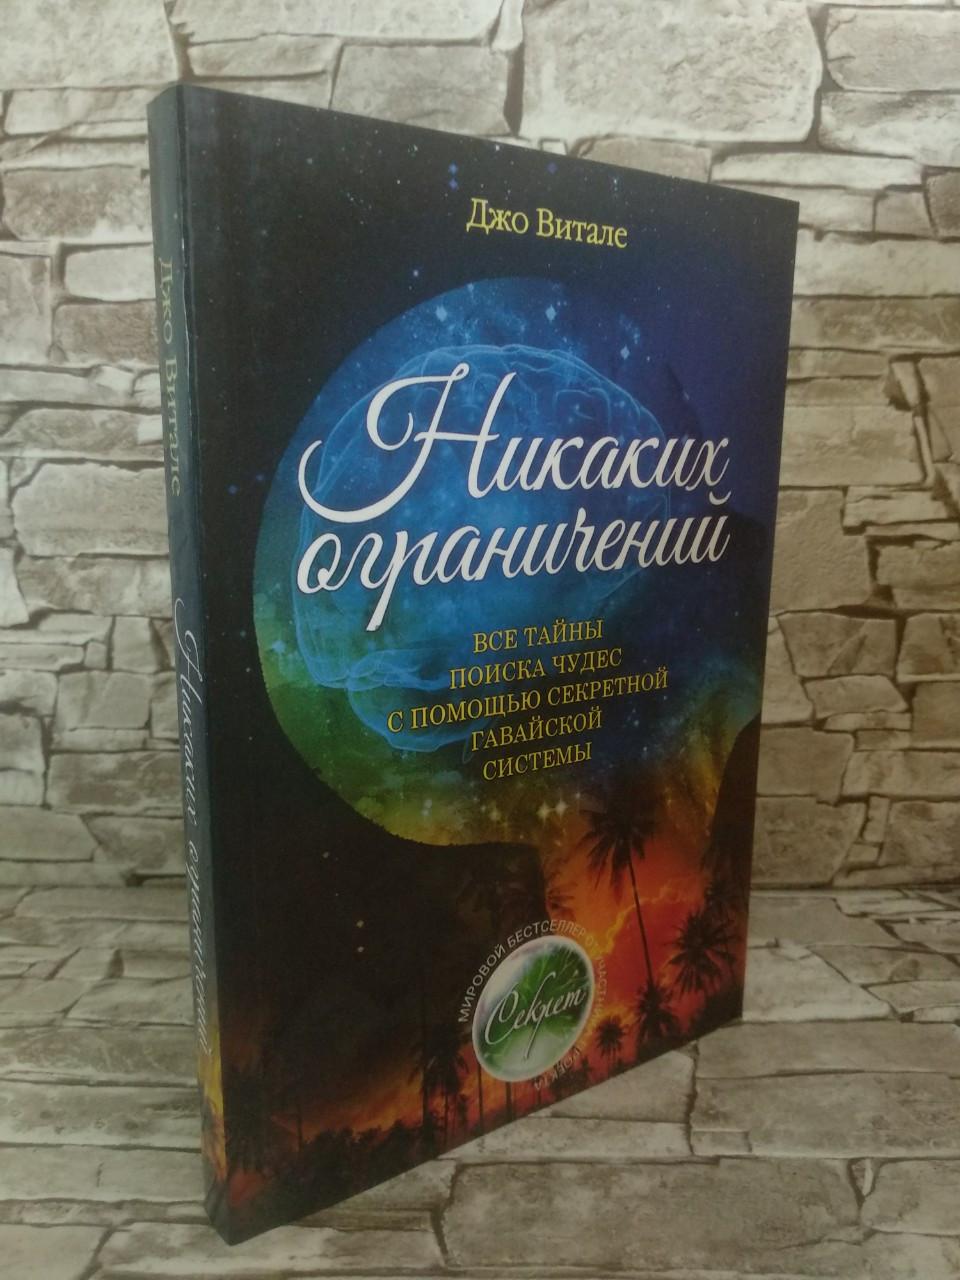 """Книга """"Никаких ограничений. Все тайны поиска чудес с помощью секретной гавайской системы""""  Джо Витале."""